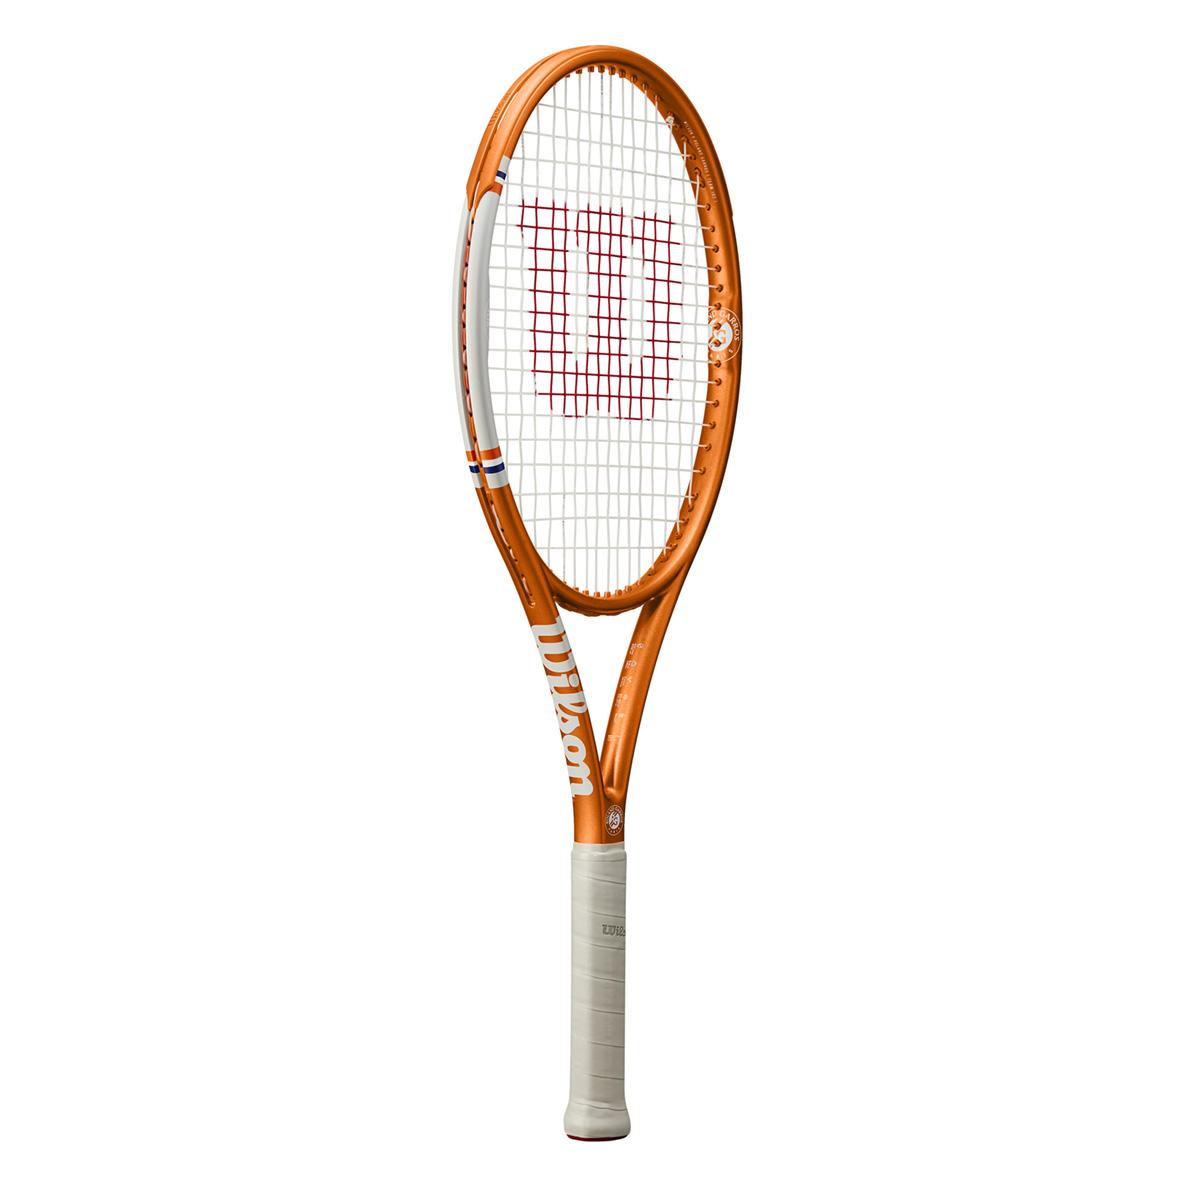 WR066310U_1_Roland_Garros_Team_102_OR_Oyster.png.cq5dam.web.2000.2000